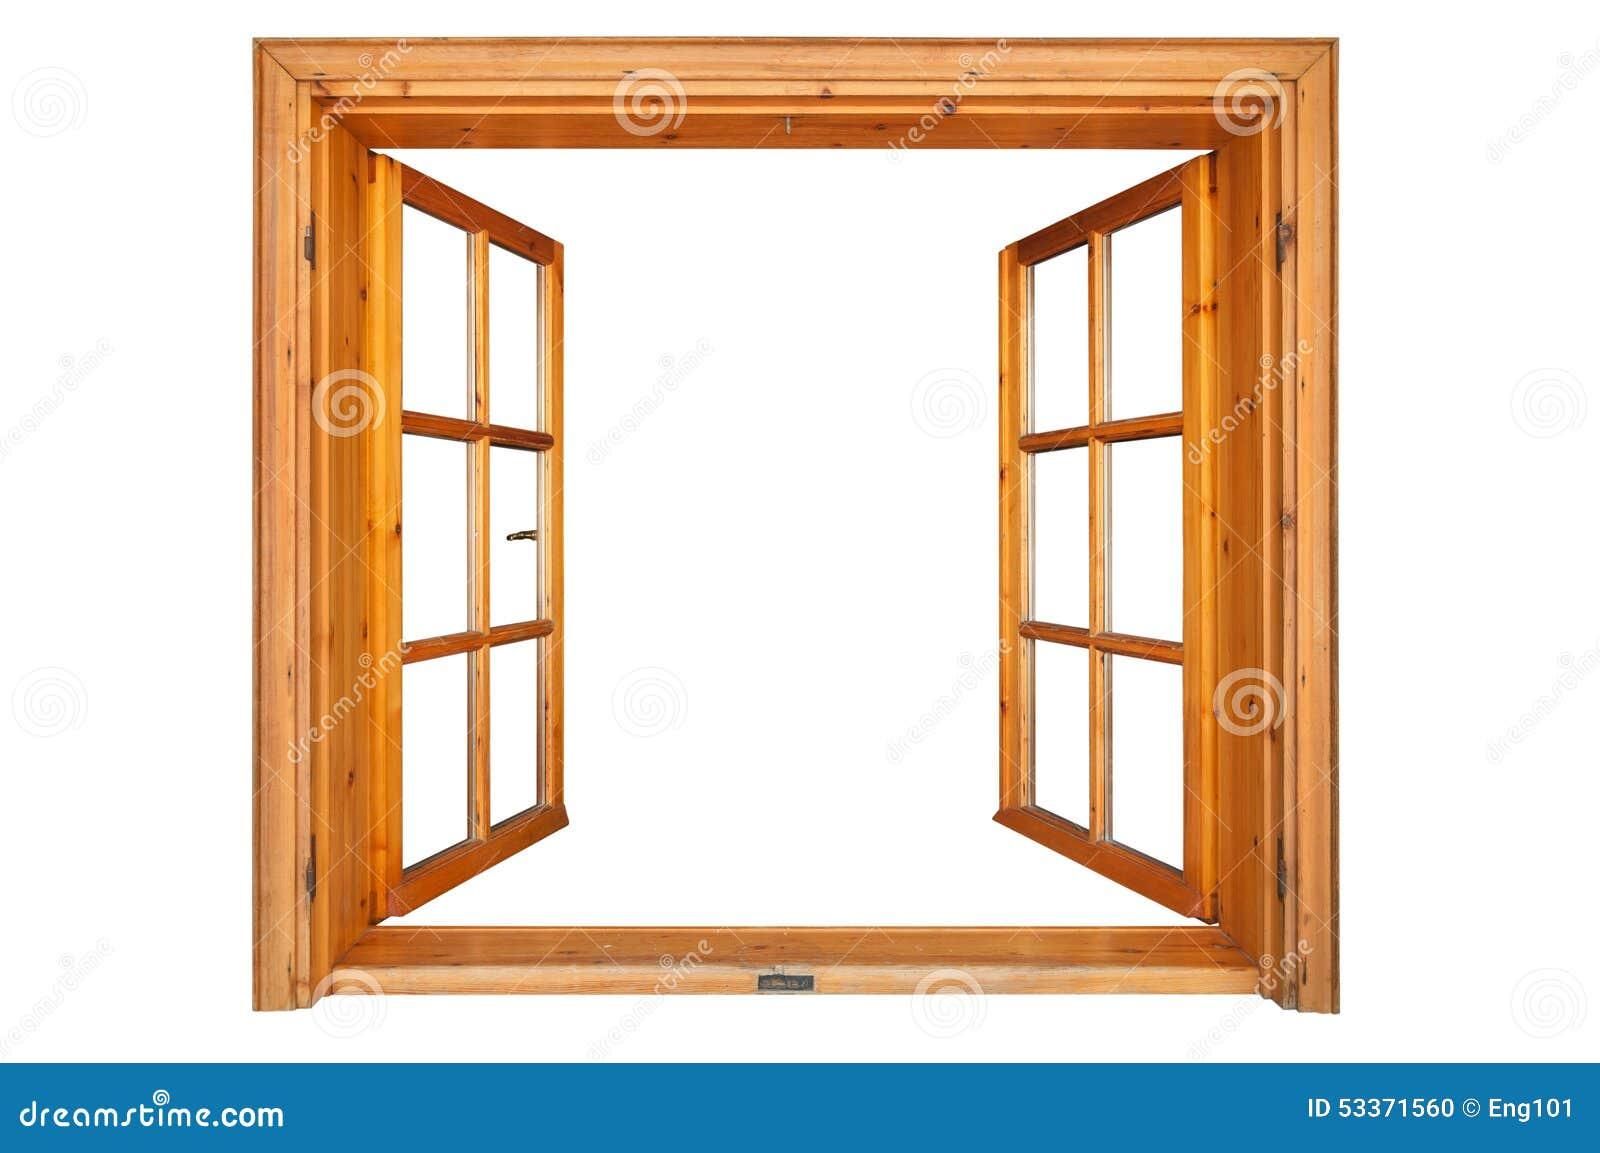 Como hacer puerta de madera - Hacer puertas de madera ...